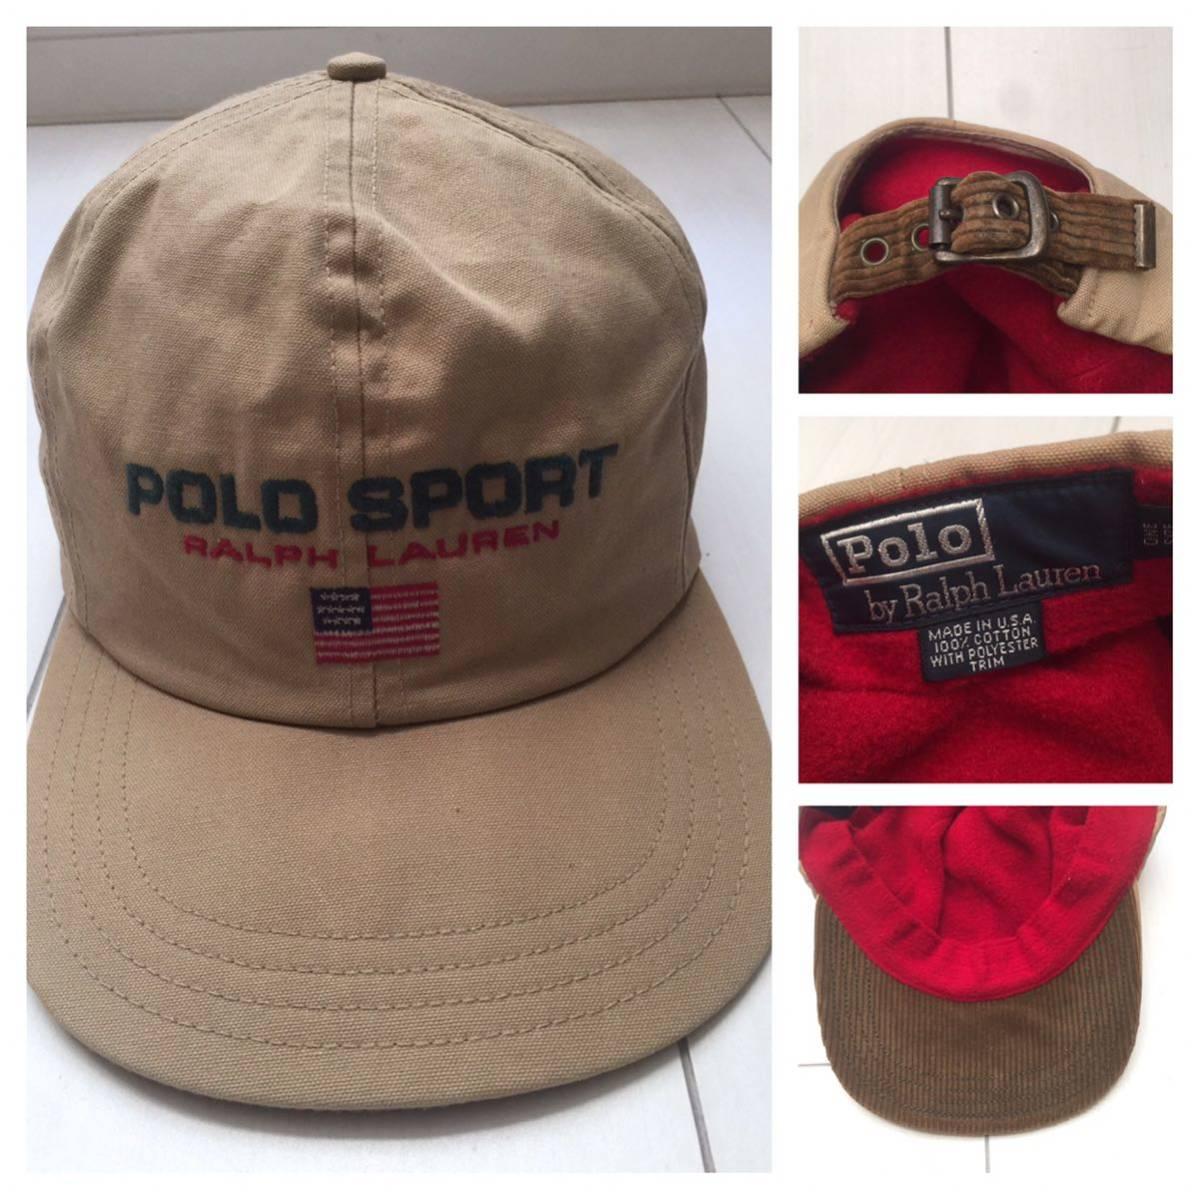 送料無料 90s POLO SPORT ダック地 フリース 裏地 コーデュロイ 切替 USA製 CAP キャップ 帽子 ポロスポーツ ラルフローレン RRL vintage